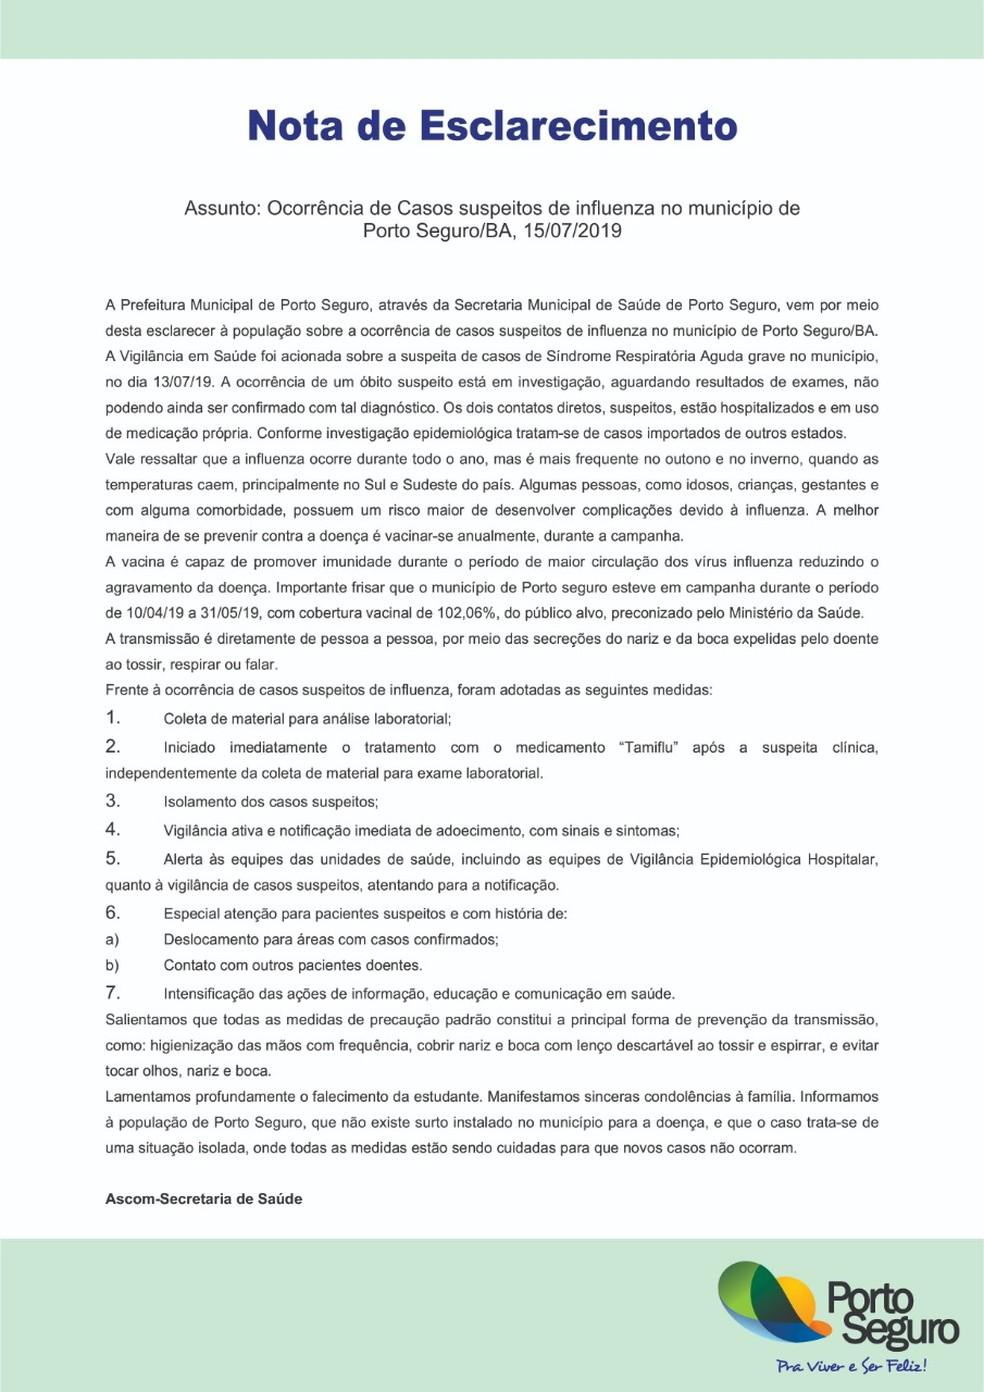 Secretaria de Saúde de Porto seguro divulgou nota sobre caso suspeito de H1N1 — Foto: Divulgação/Prefeitura de Porto Seguro